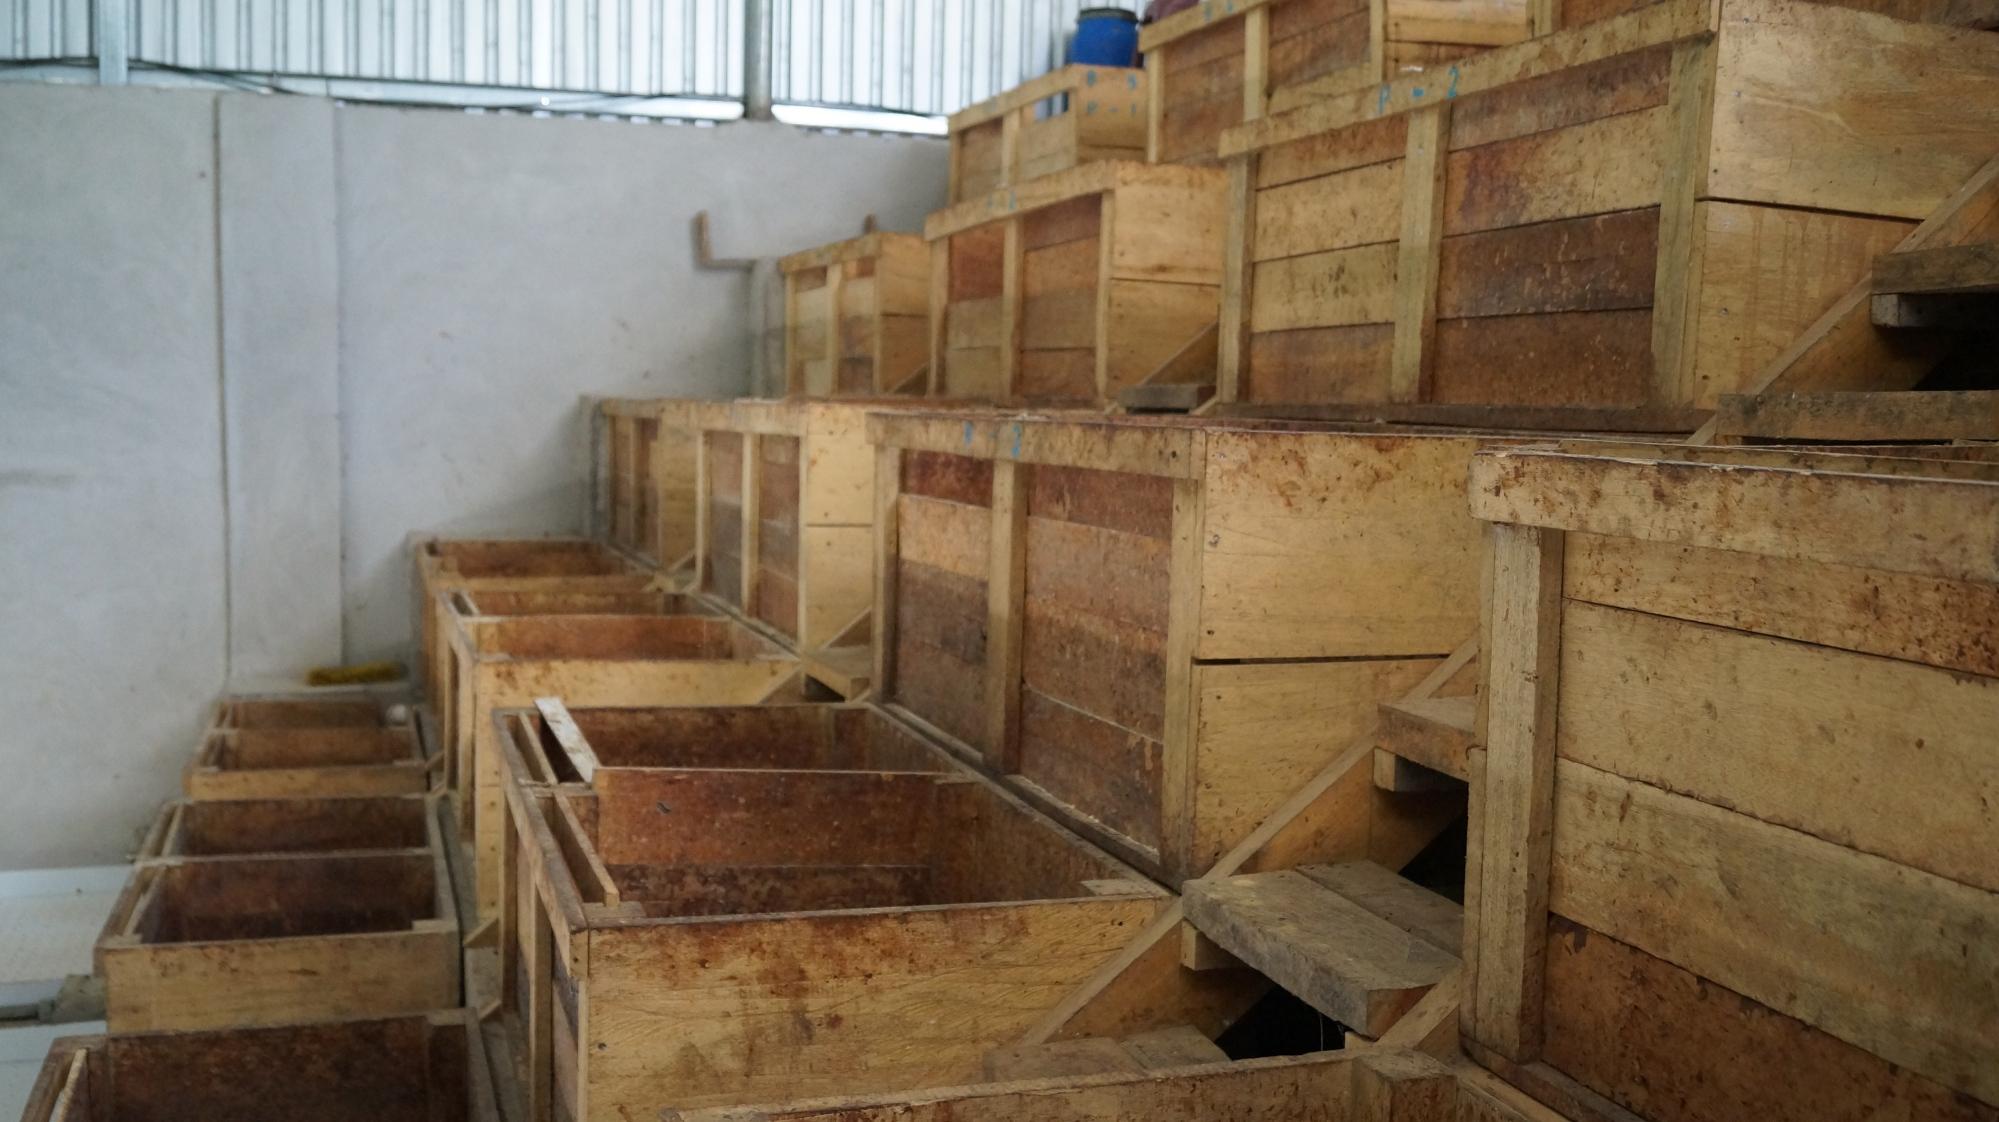 Fermentation boxes